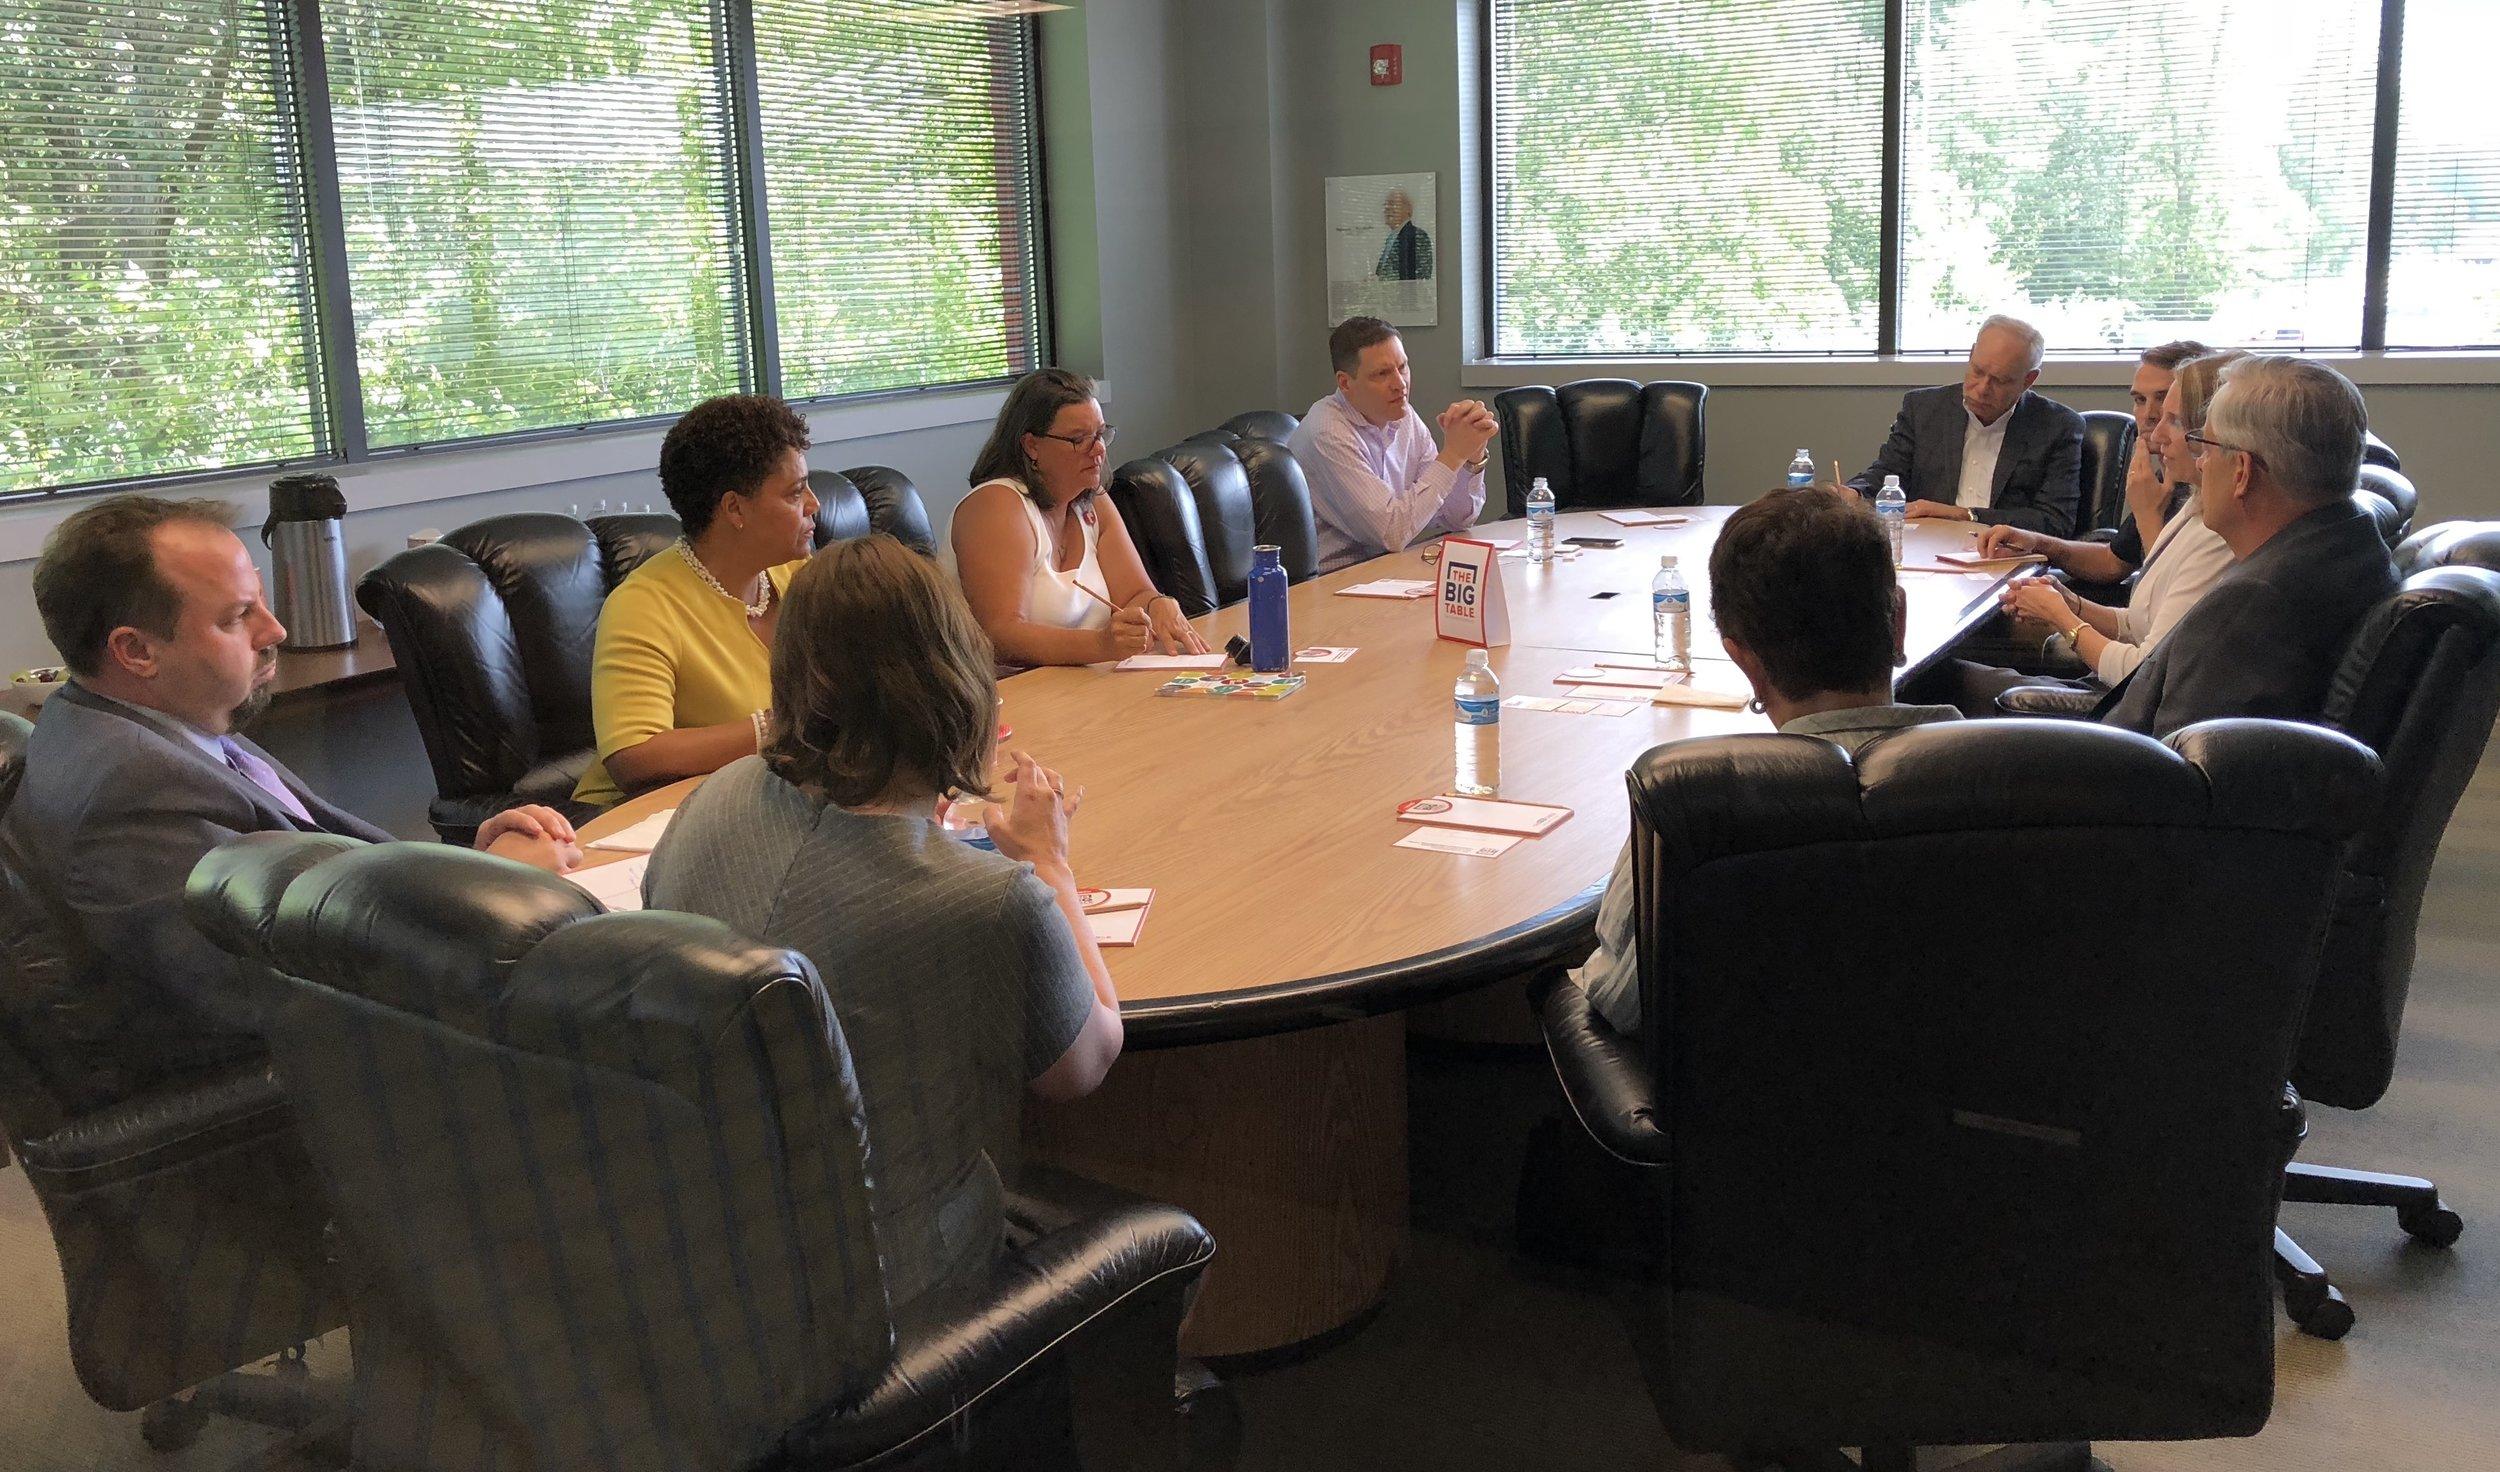 Prendeville Conference Room at Homeport